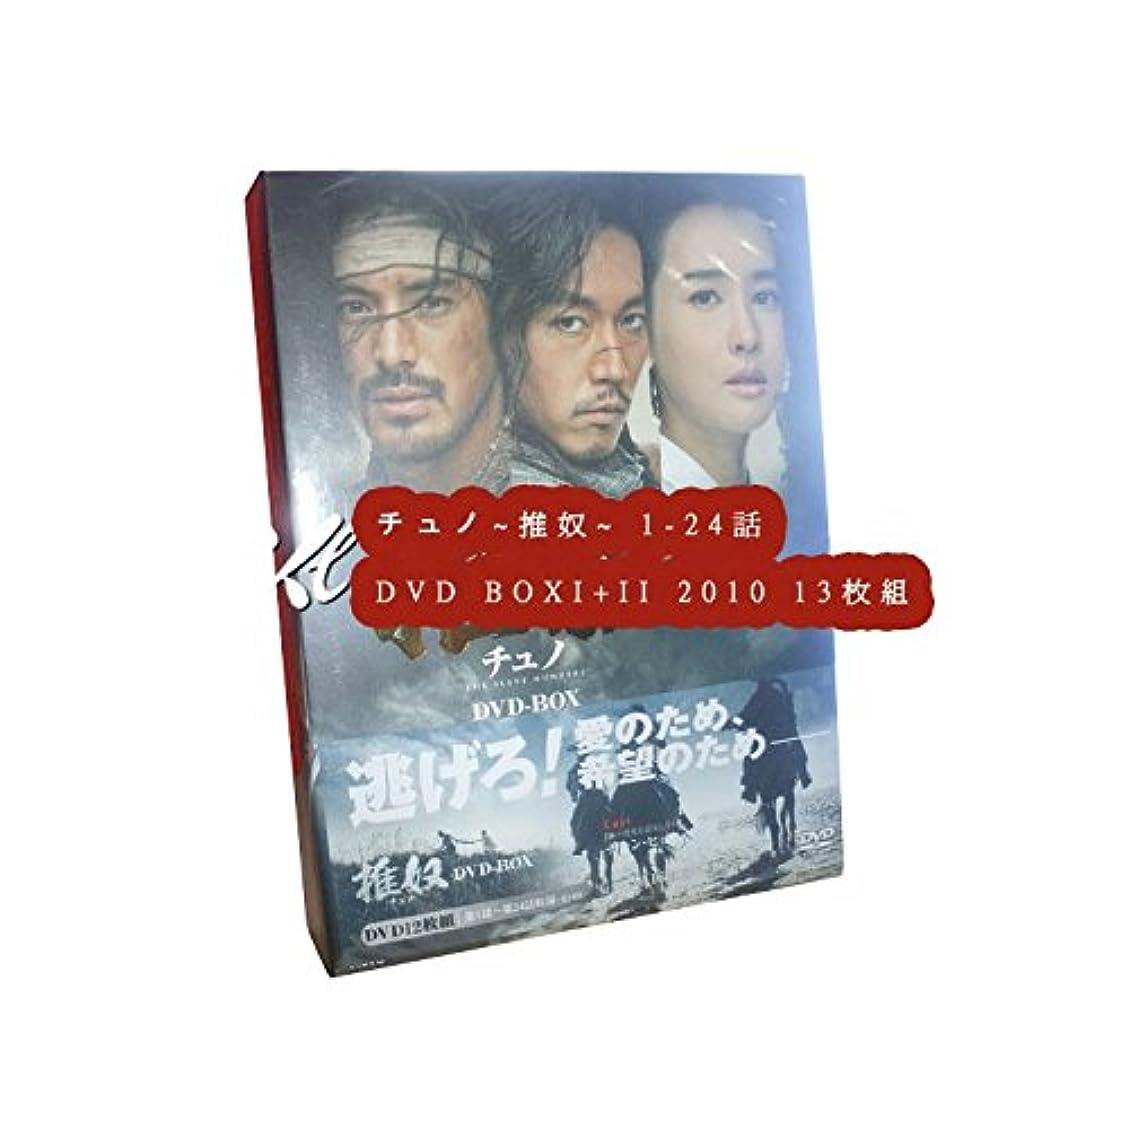 溝徹底的に中毒チュノ~推奴~ 1-24話 BOXI+II 2010